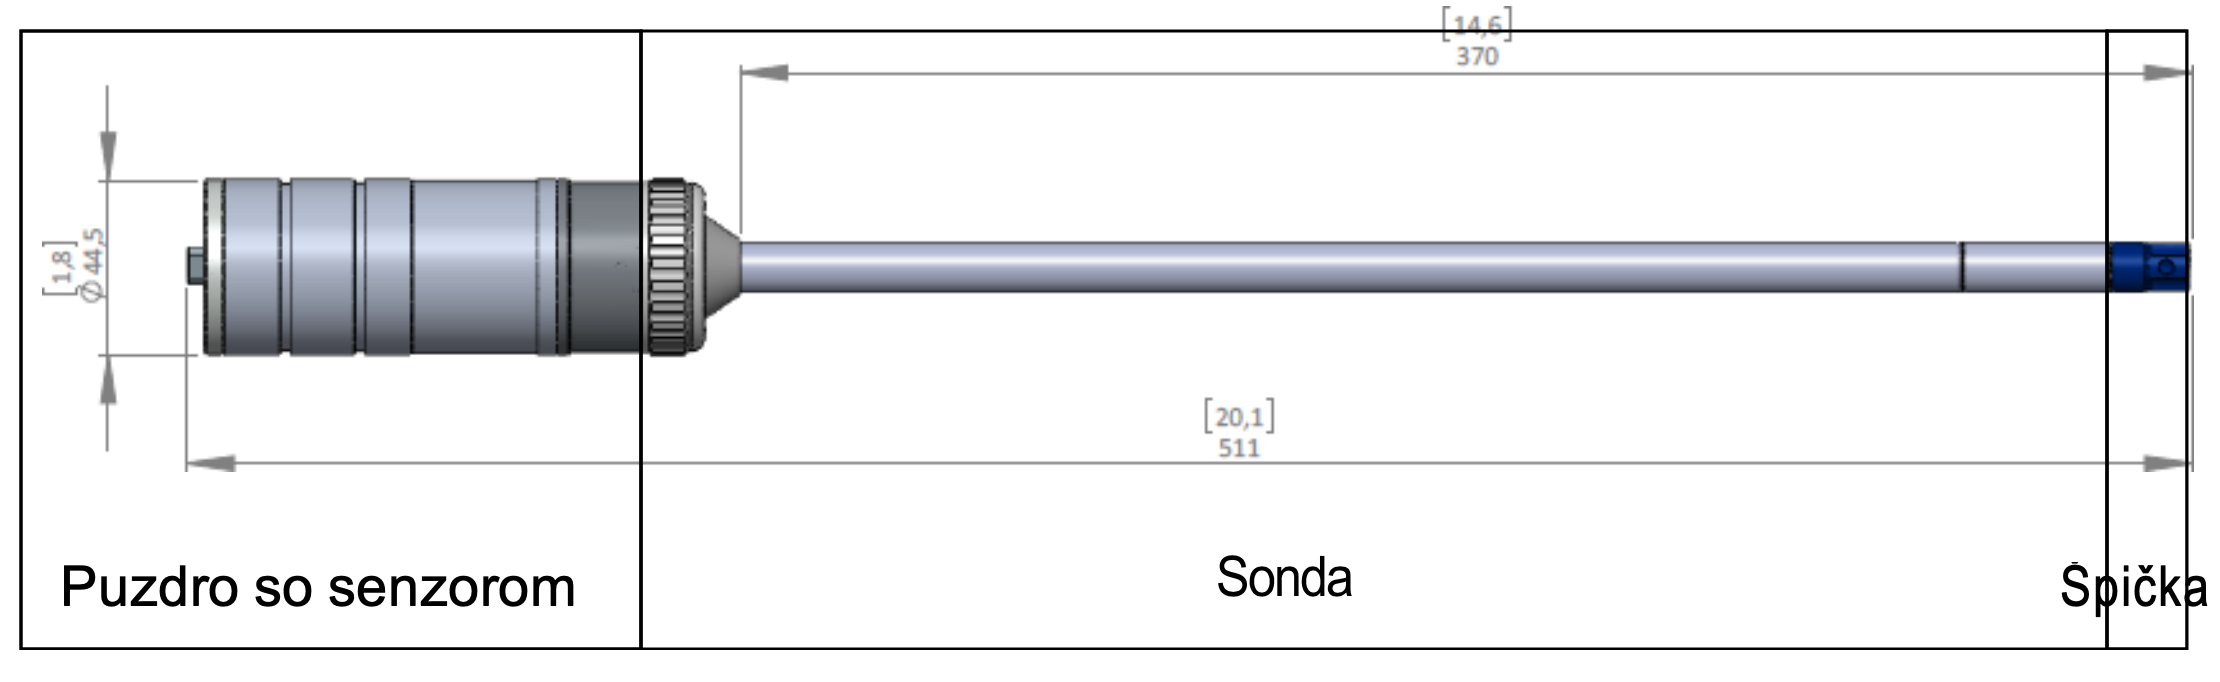 Screenshot 2020-05-27 at 16.16.21